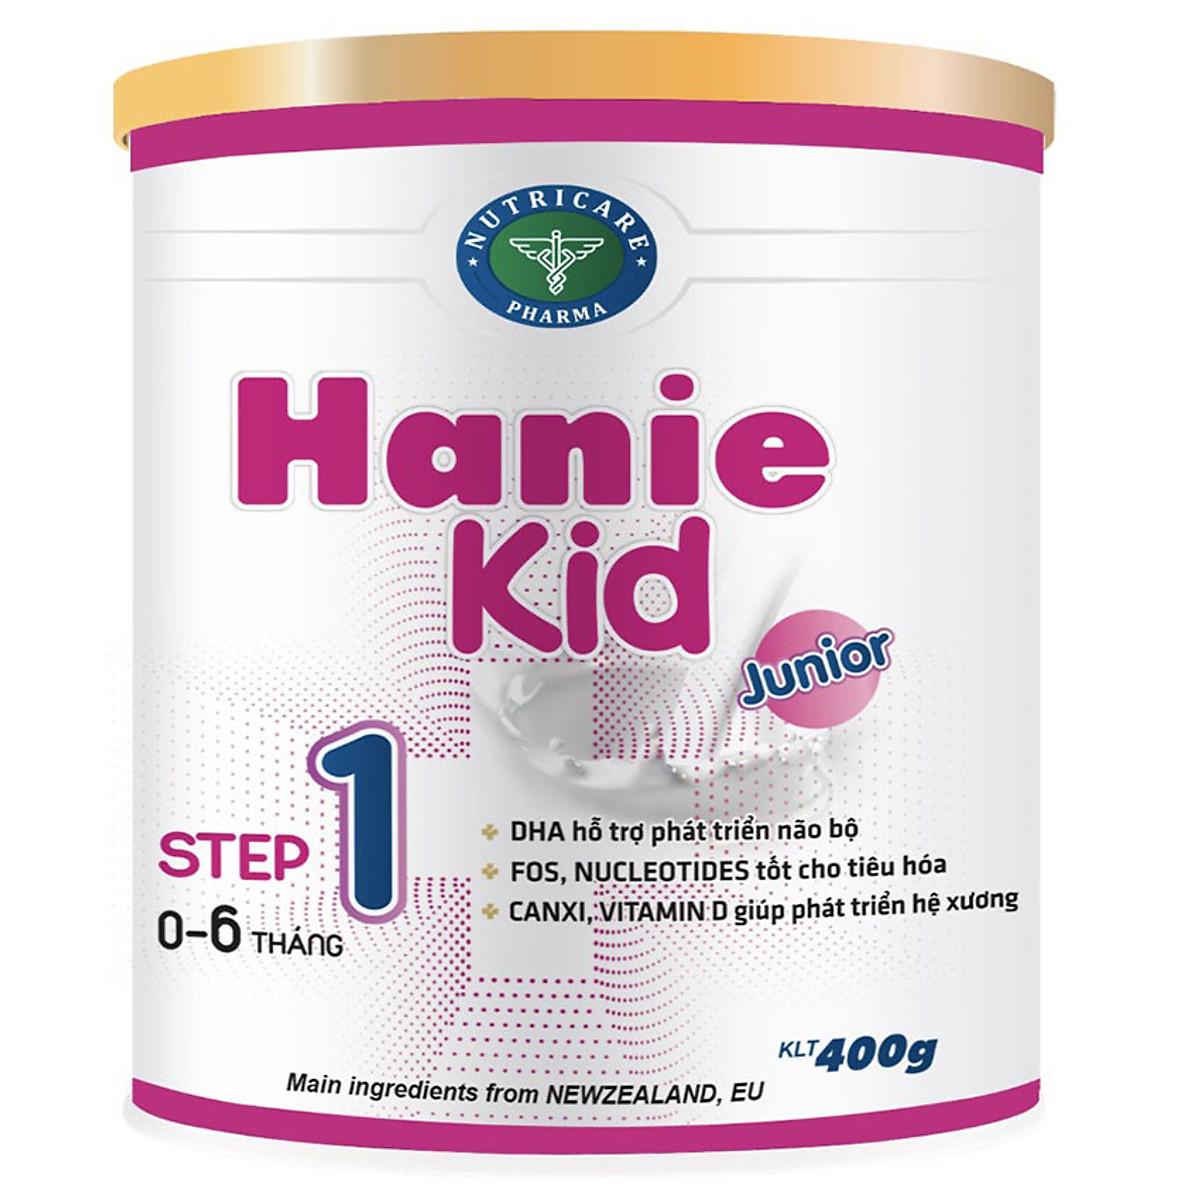 Sữa bột Hanie Kid 1 dành cho trẻ biếng ăn & suy dinh dưỡng 0-6 tháng tuổi  (400g) | Tiki.vn